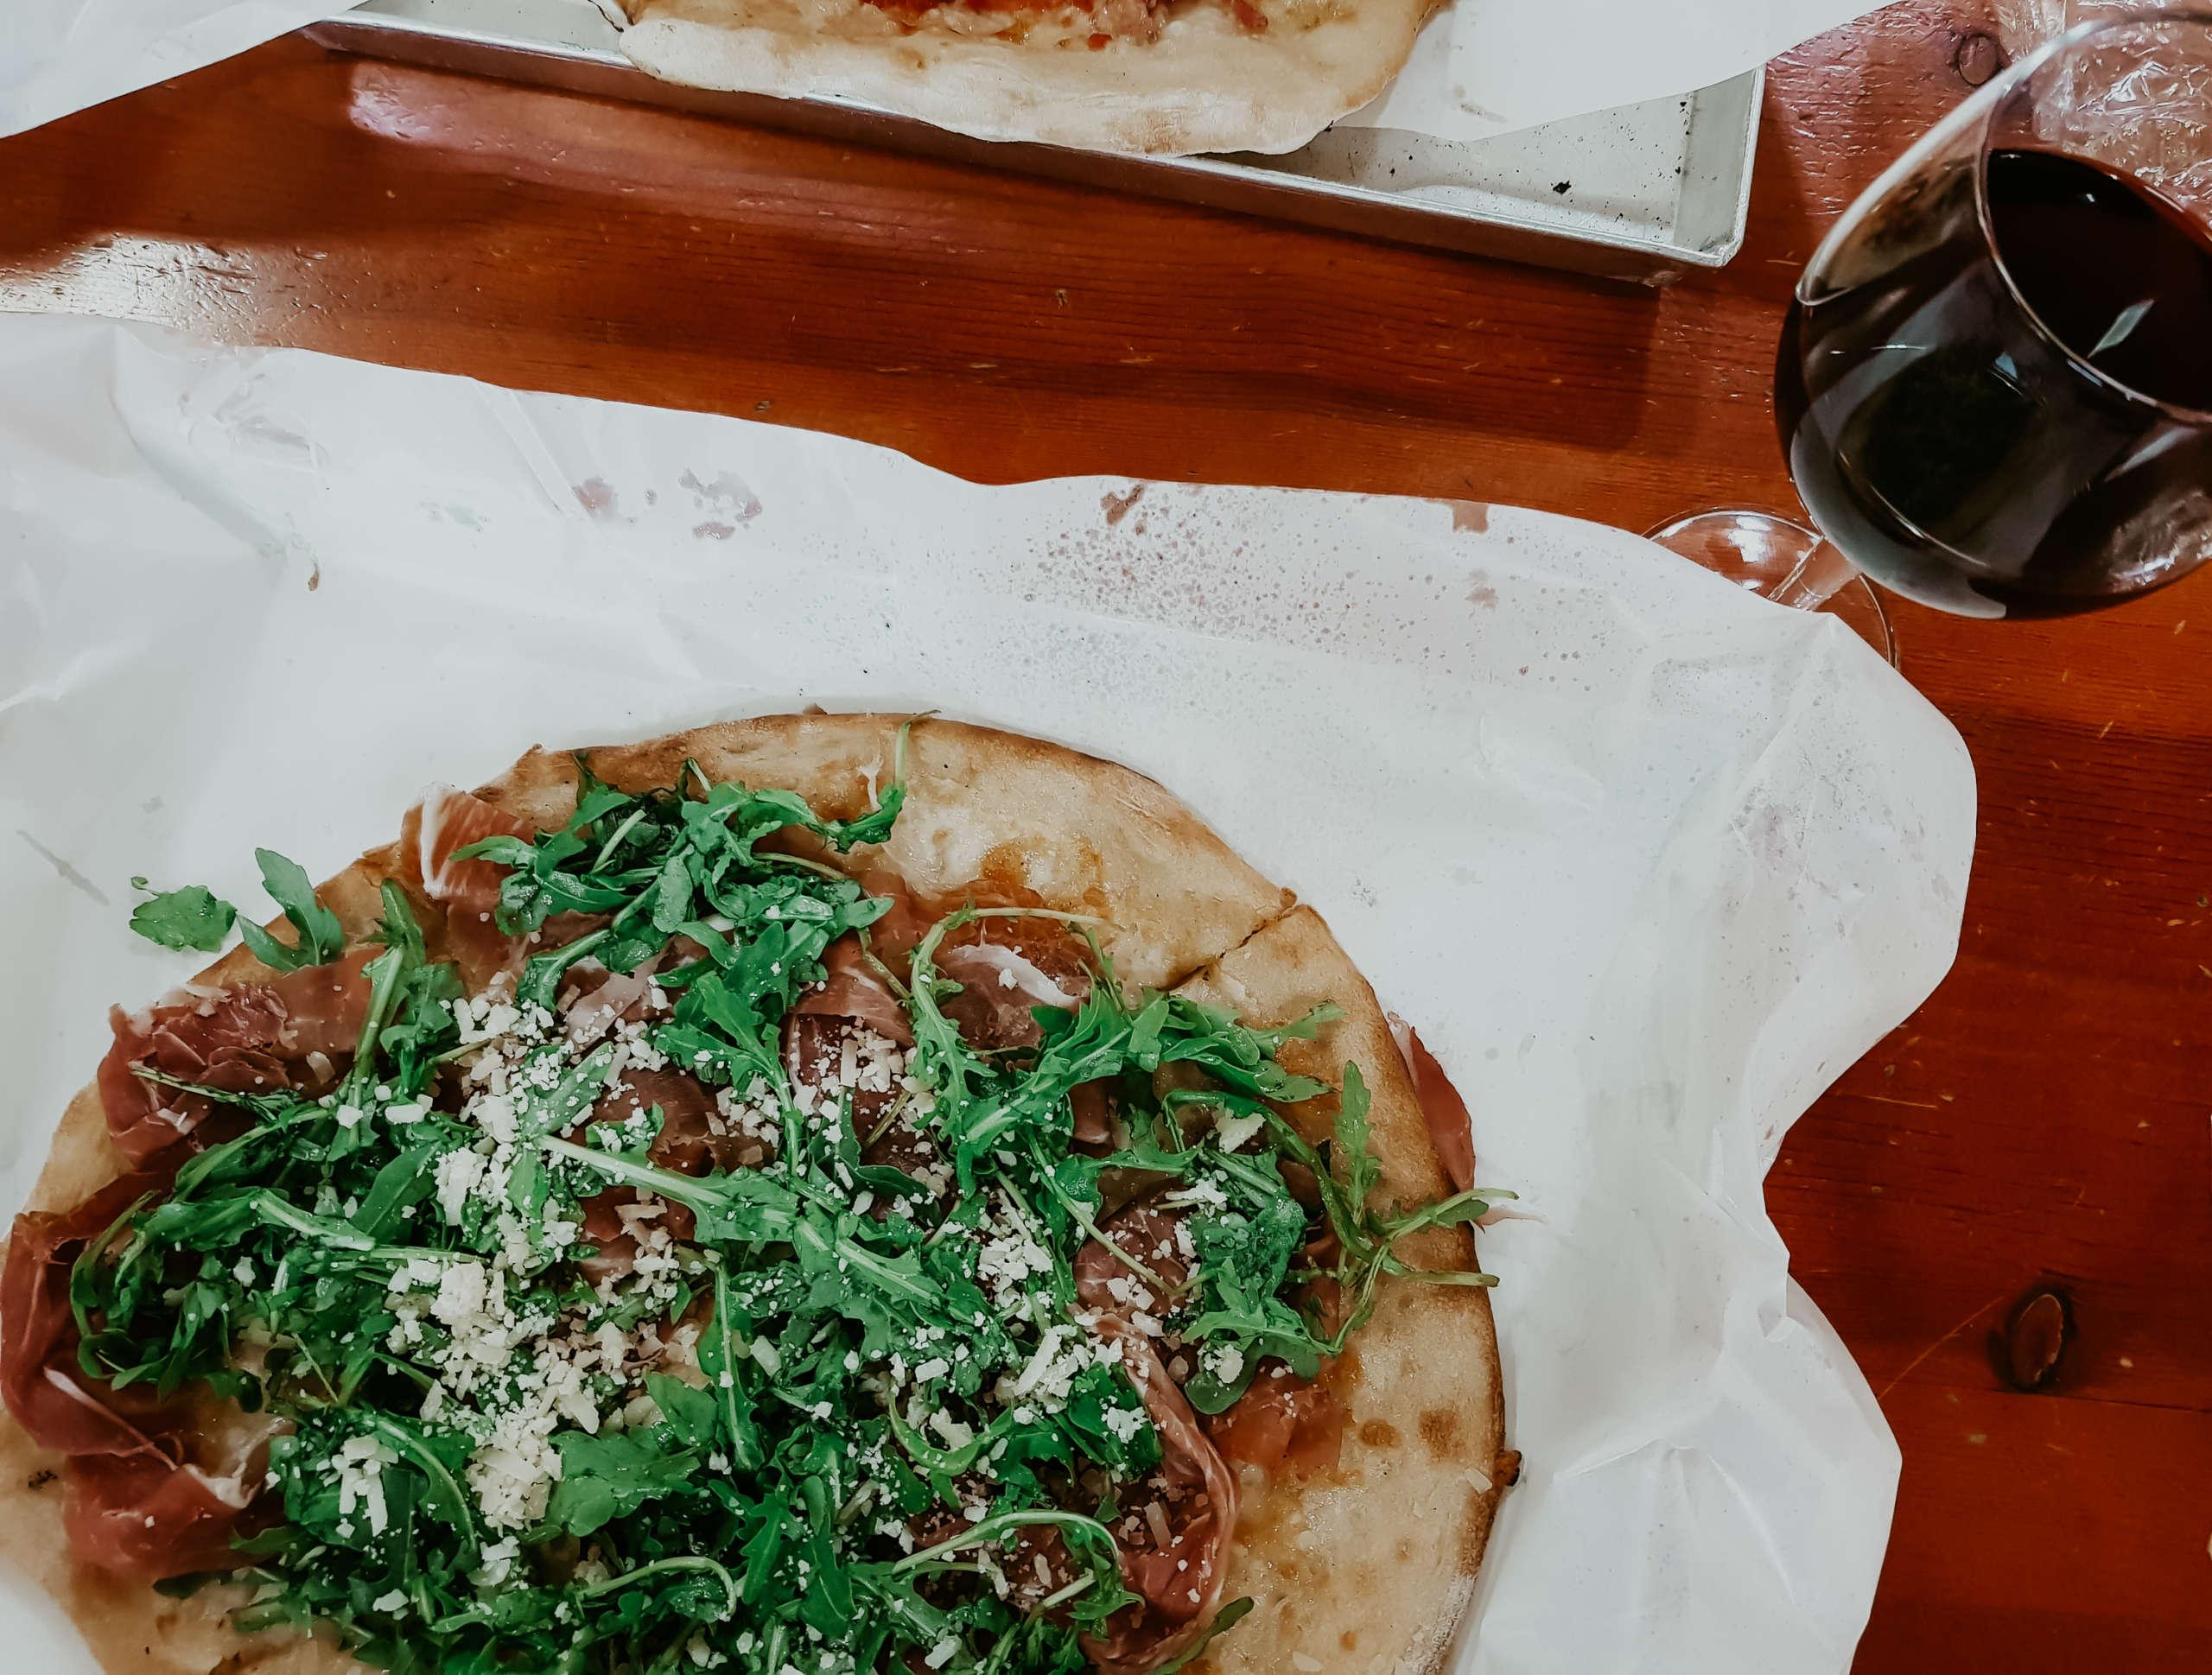 Eine Pizza mit einem Glas Rotwein daneben.